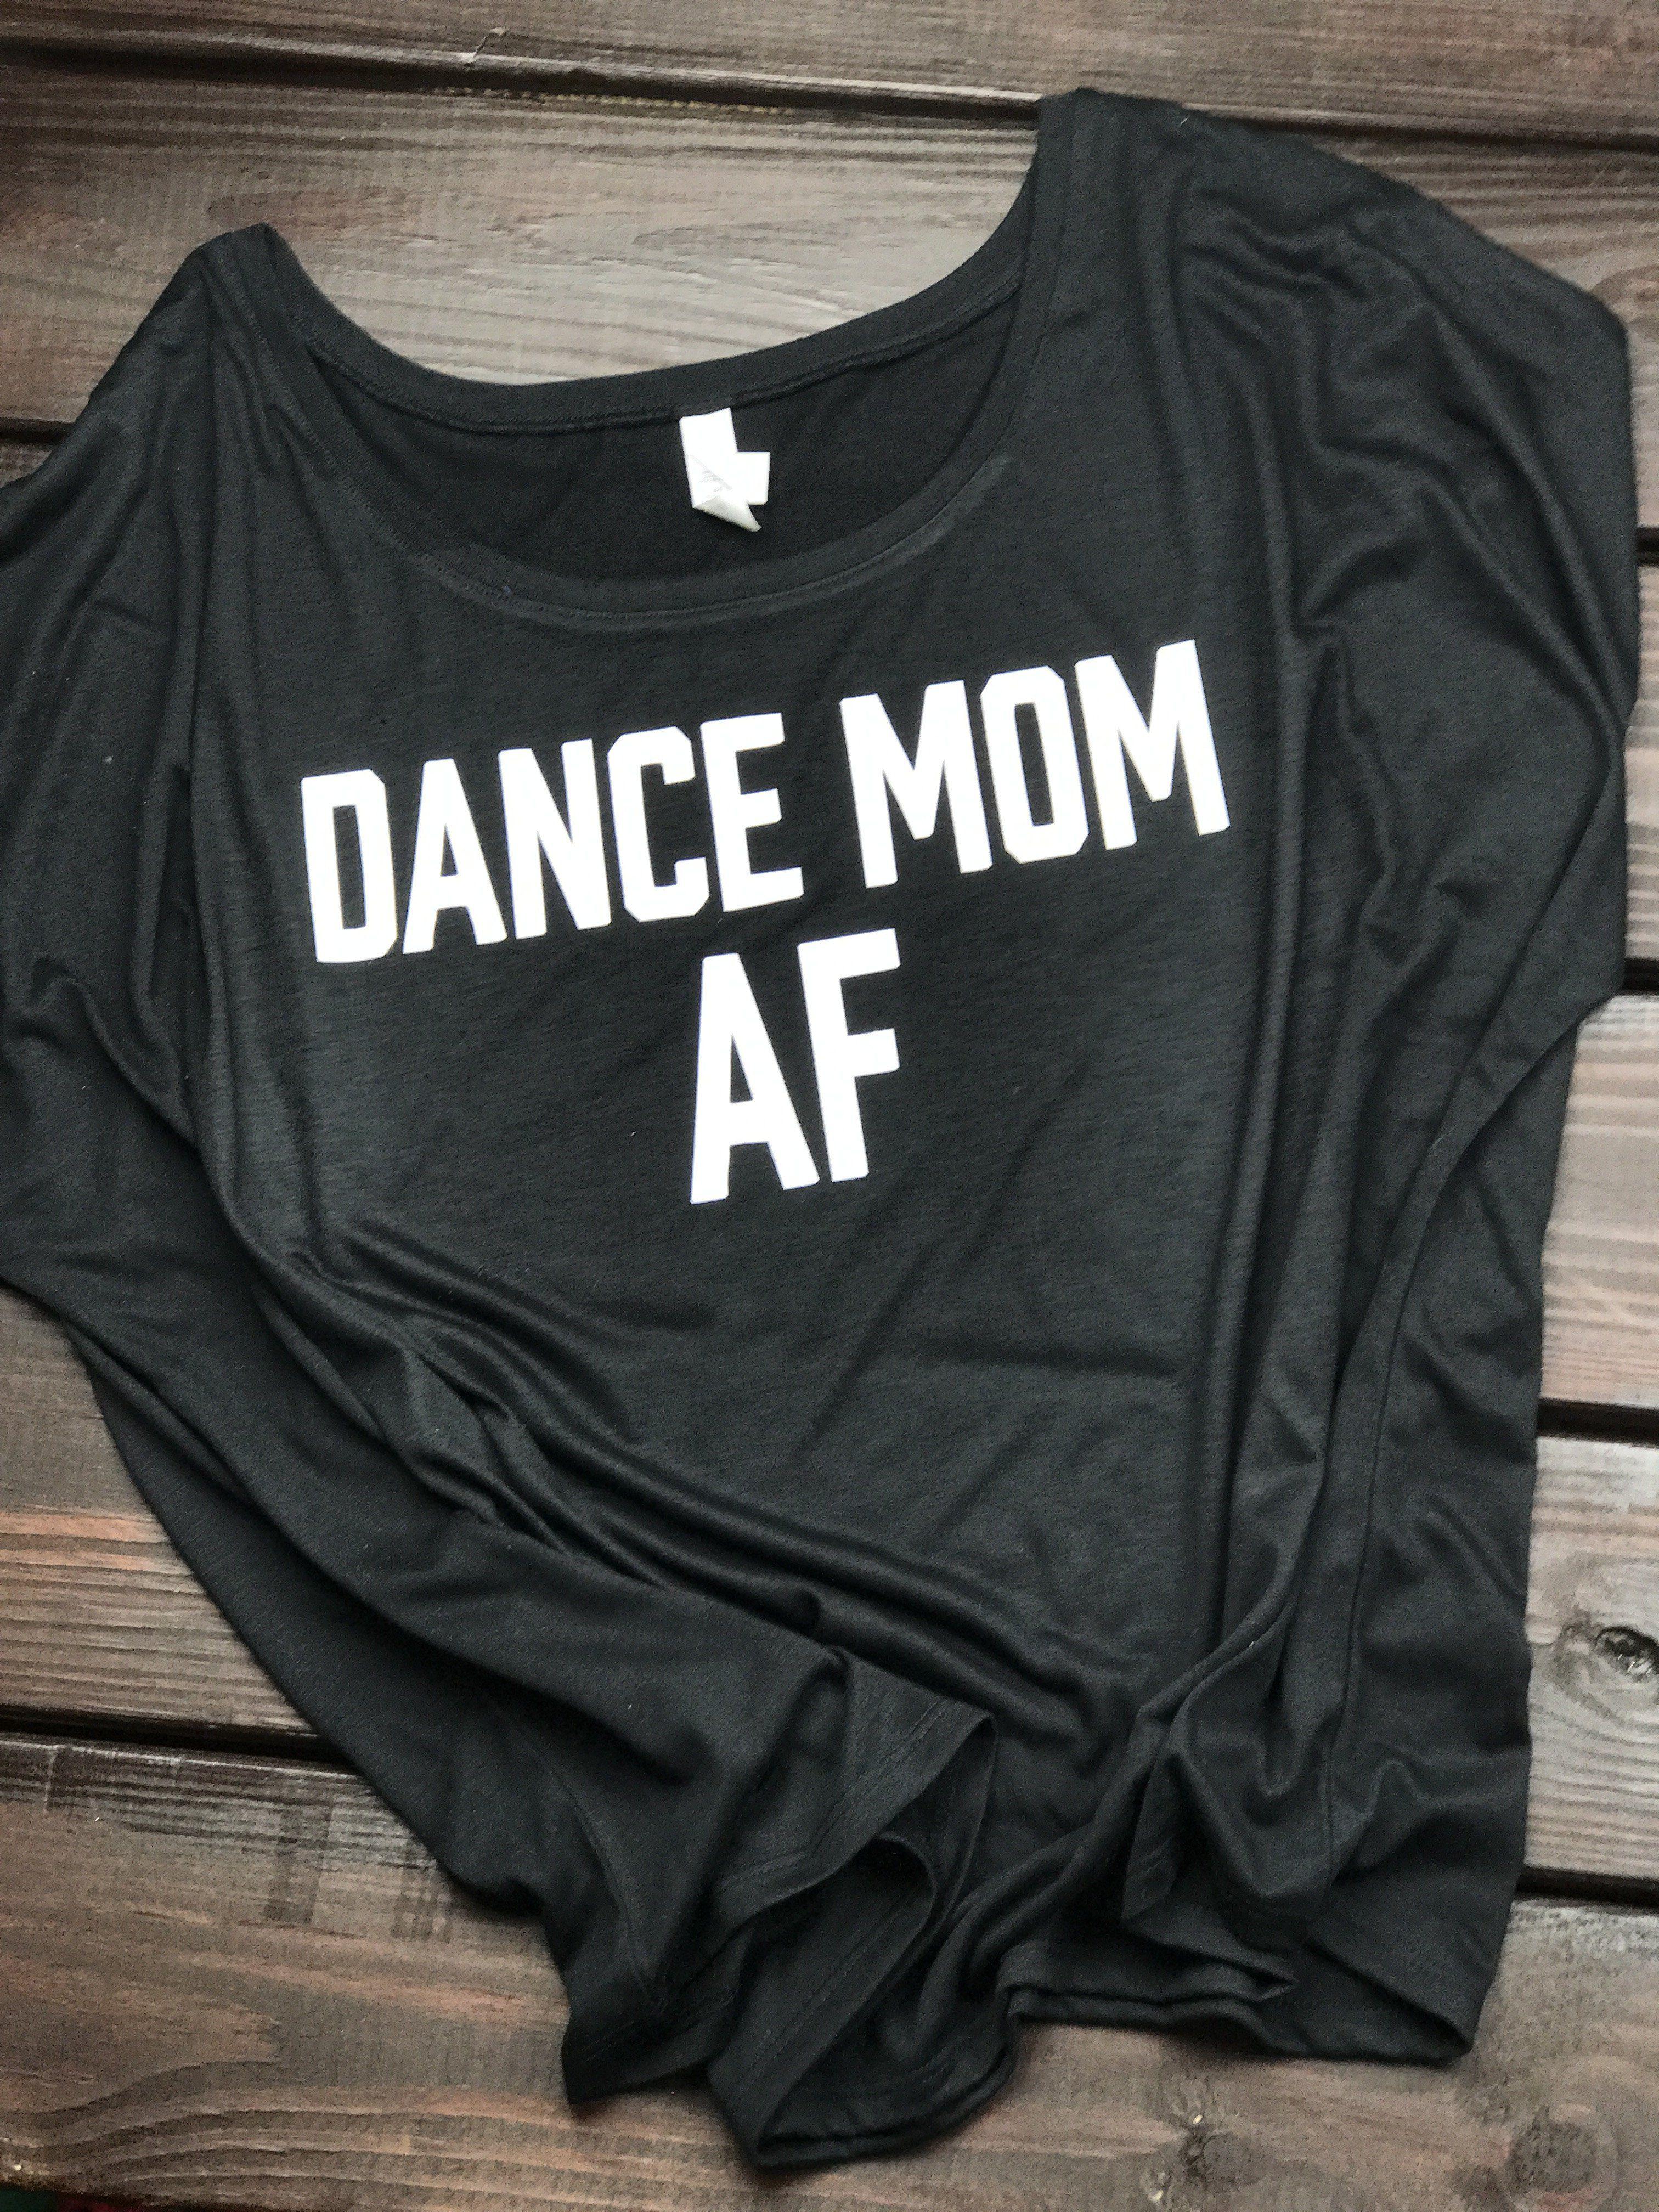 10afc0c35 Dance Mom AF Shirt in 2019